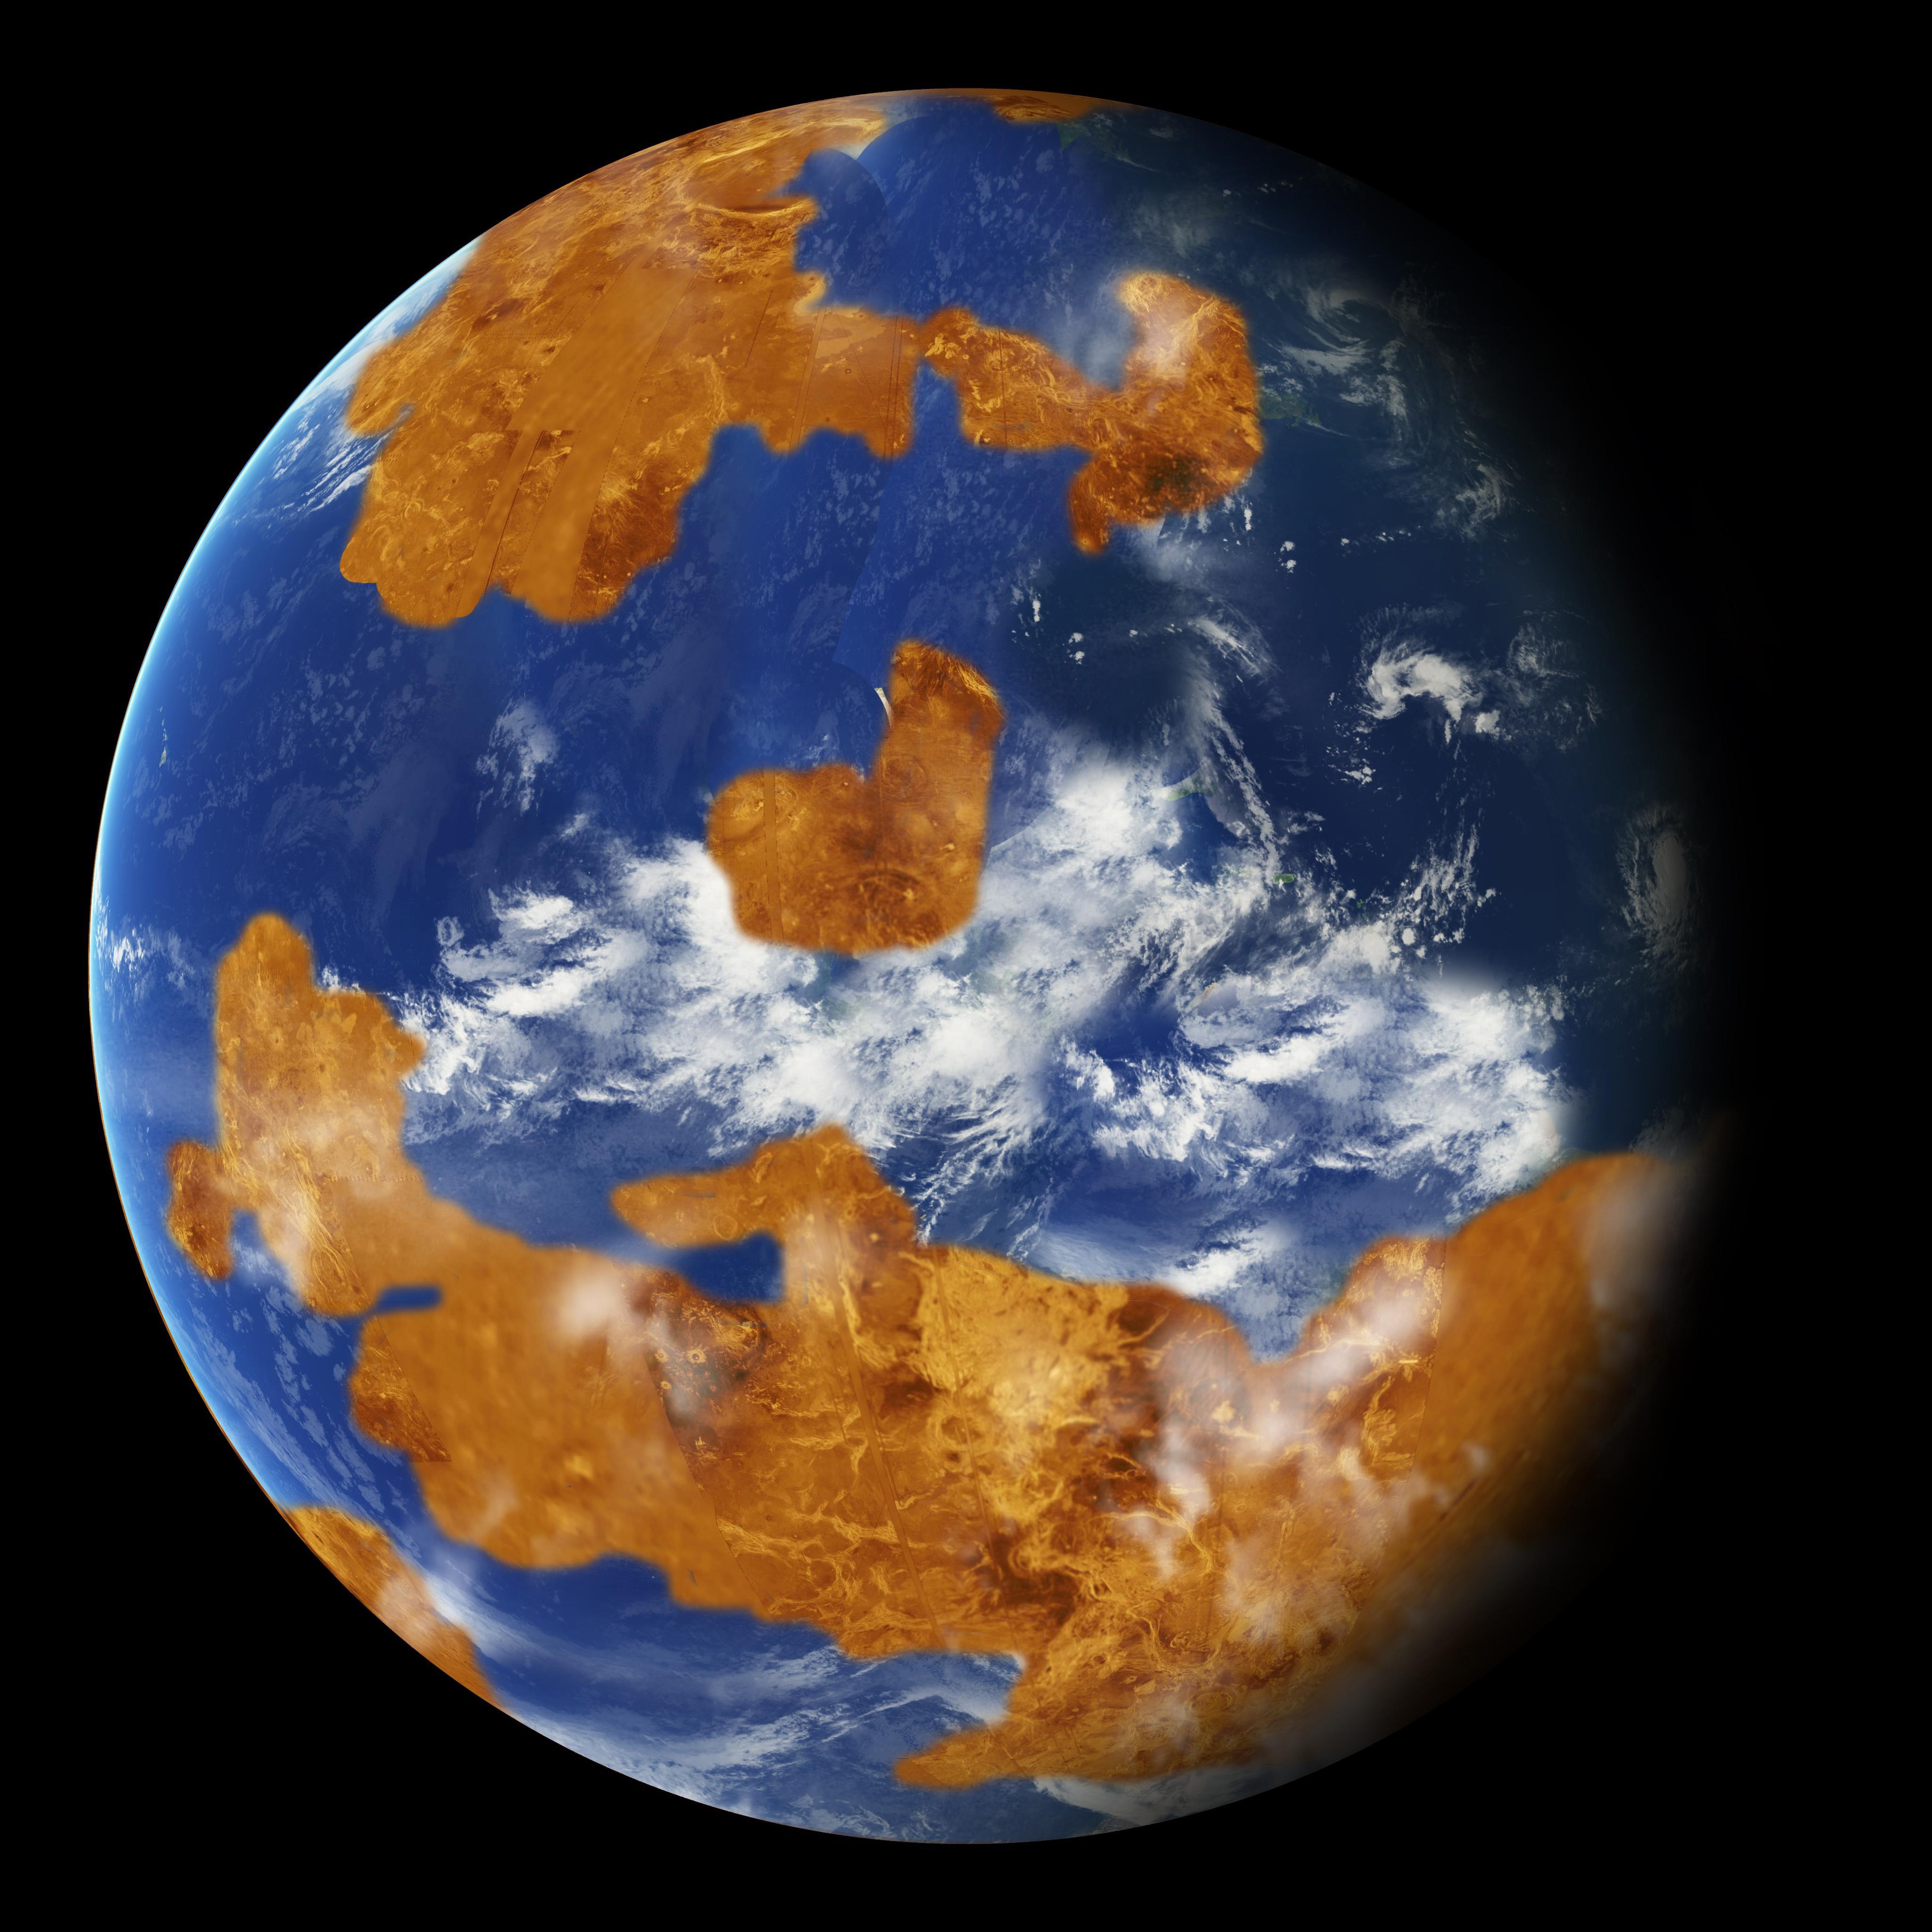 Наблюдения показывают: на Венере, возможно, в далеком прошлом была вода. Шаблон был использован в качестве модели климата на планете, чтобы показать, как грозовые облака могли укрыть древнюю Венеру от сильного солнечного света, что и сделало ее пригодной для жизни. Credits: NASA